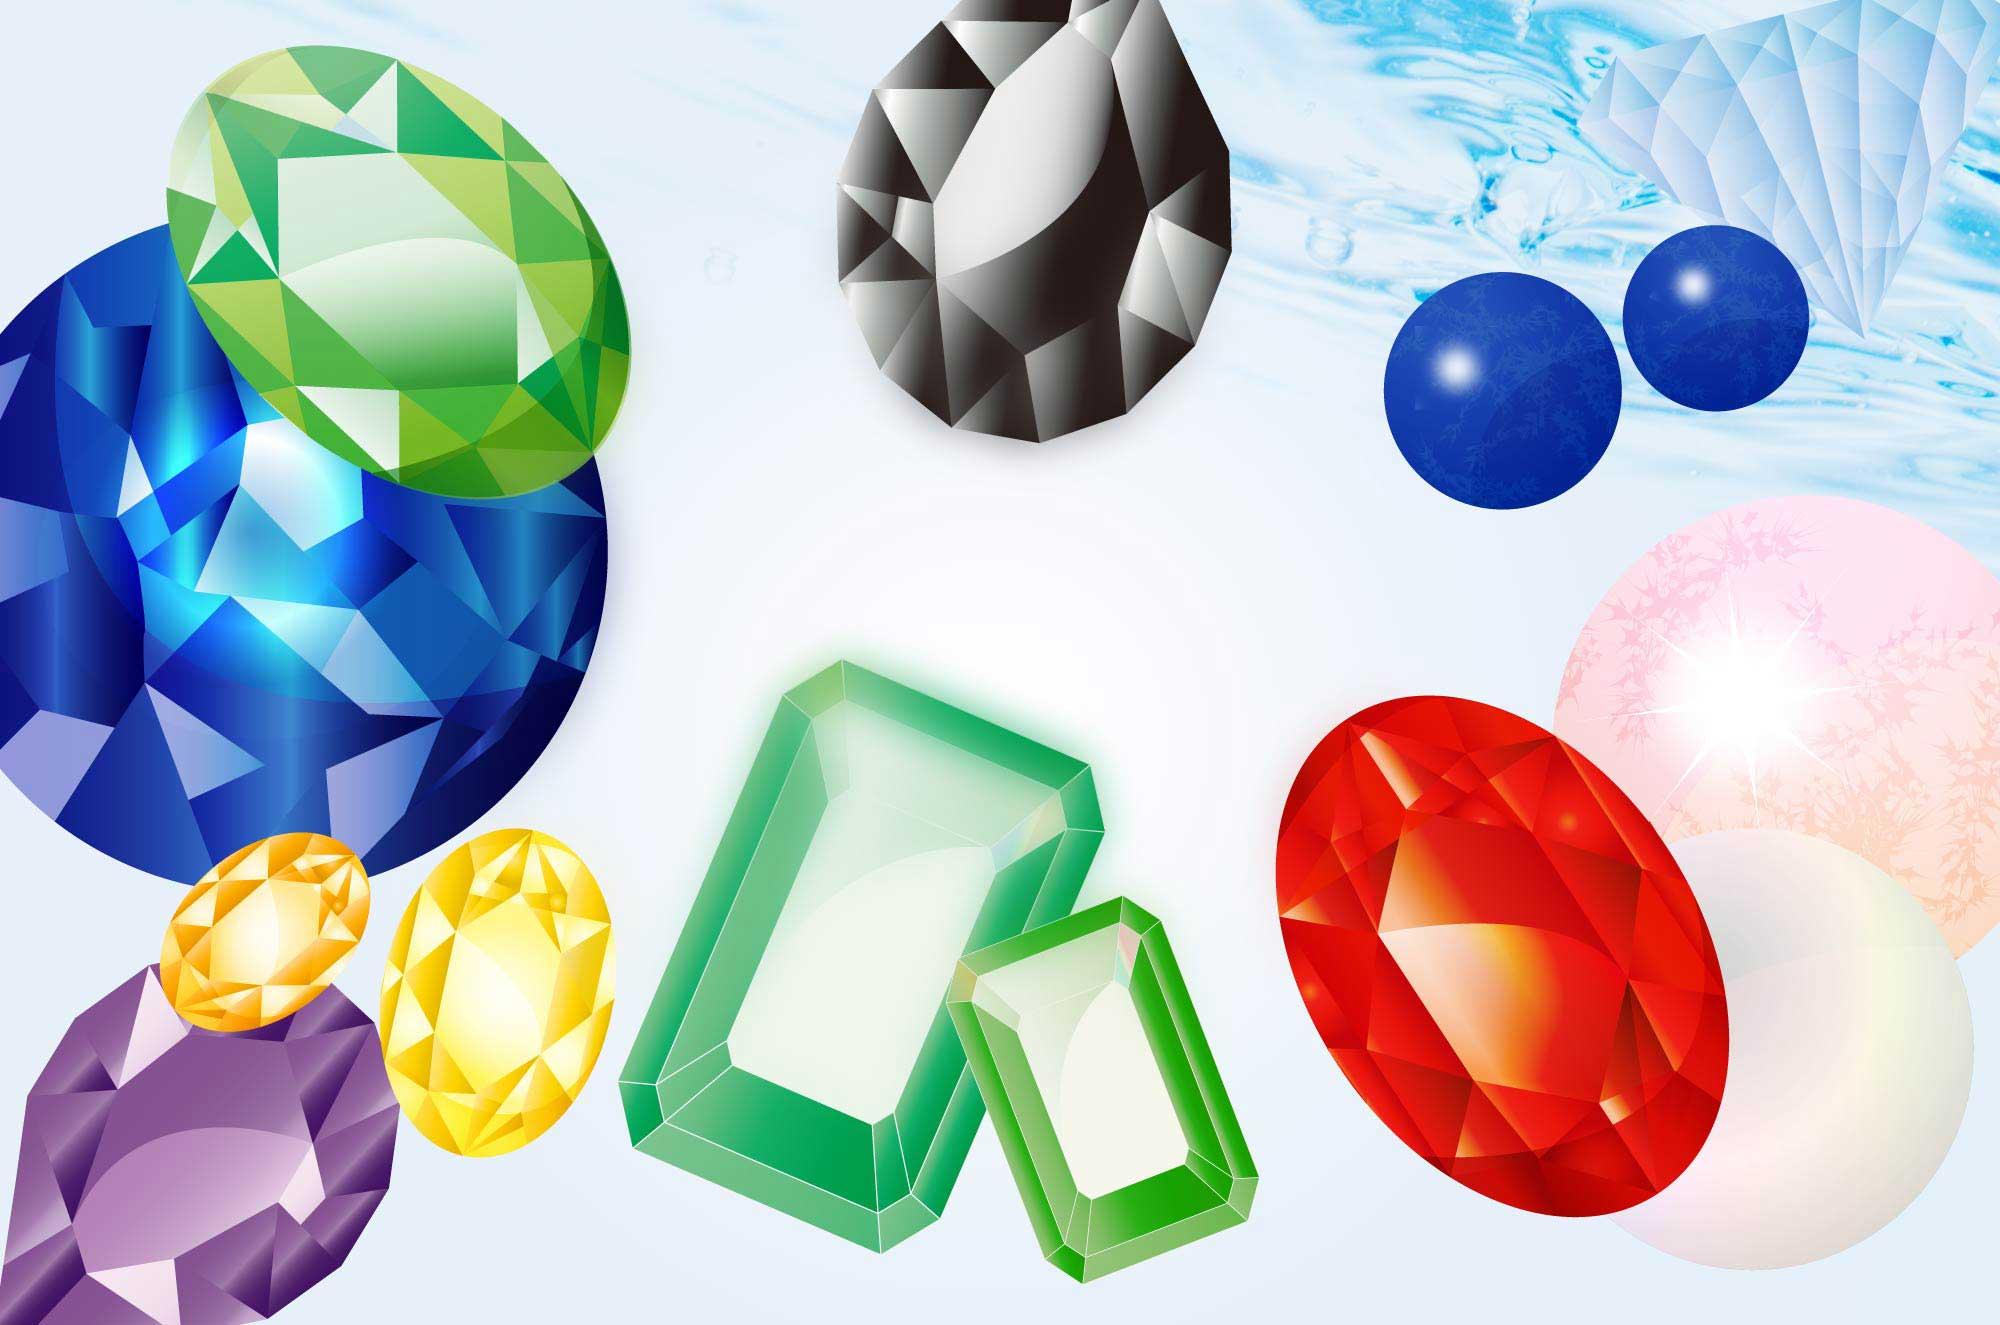 宝石イラスト - 誕生石・綺麗に輝く美しい装飾無料素材集